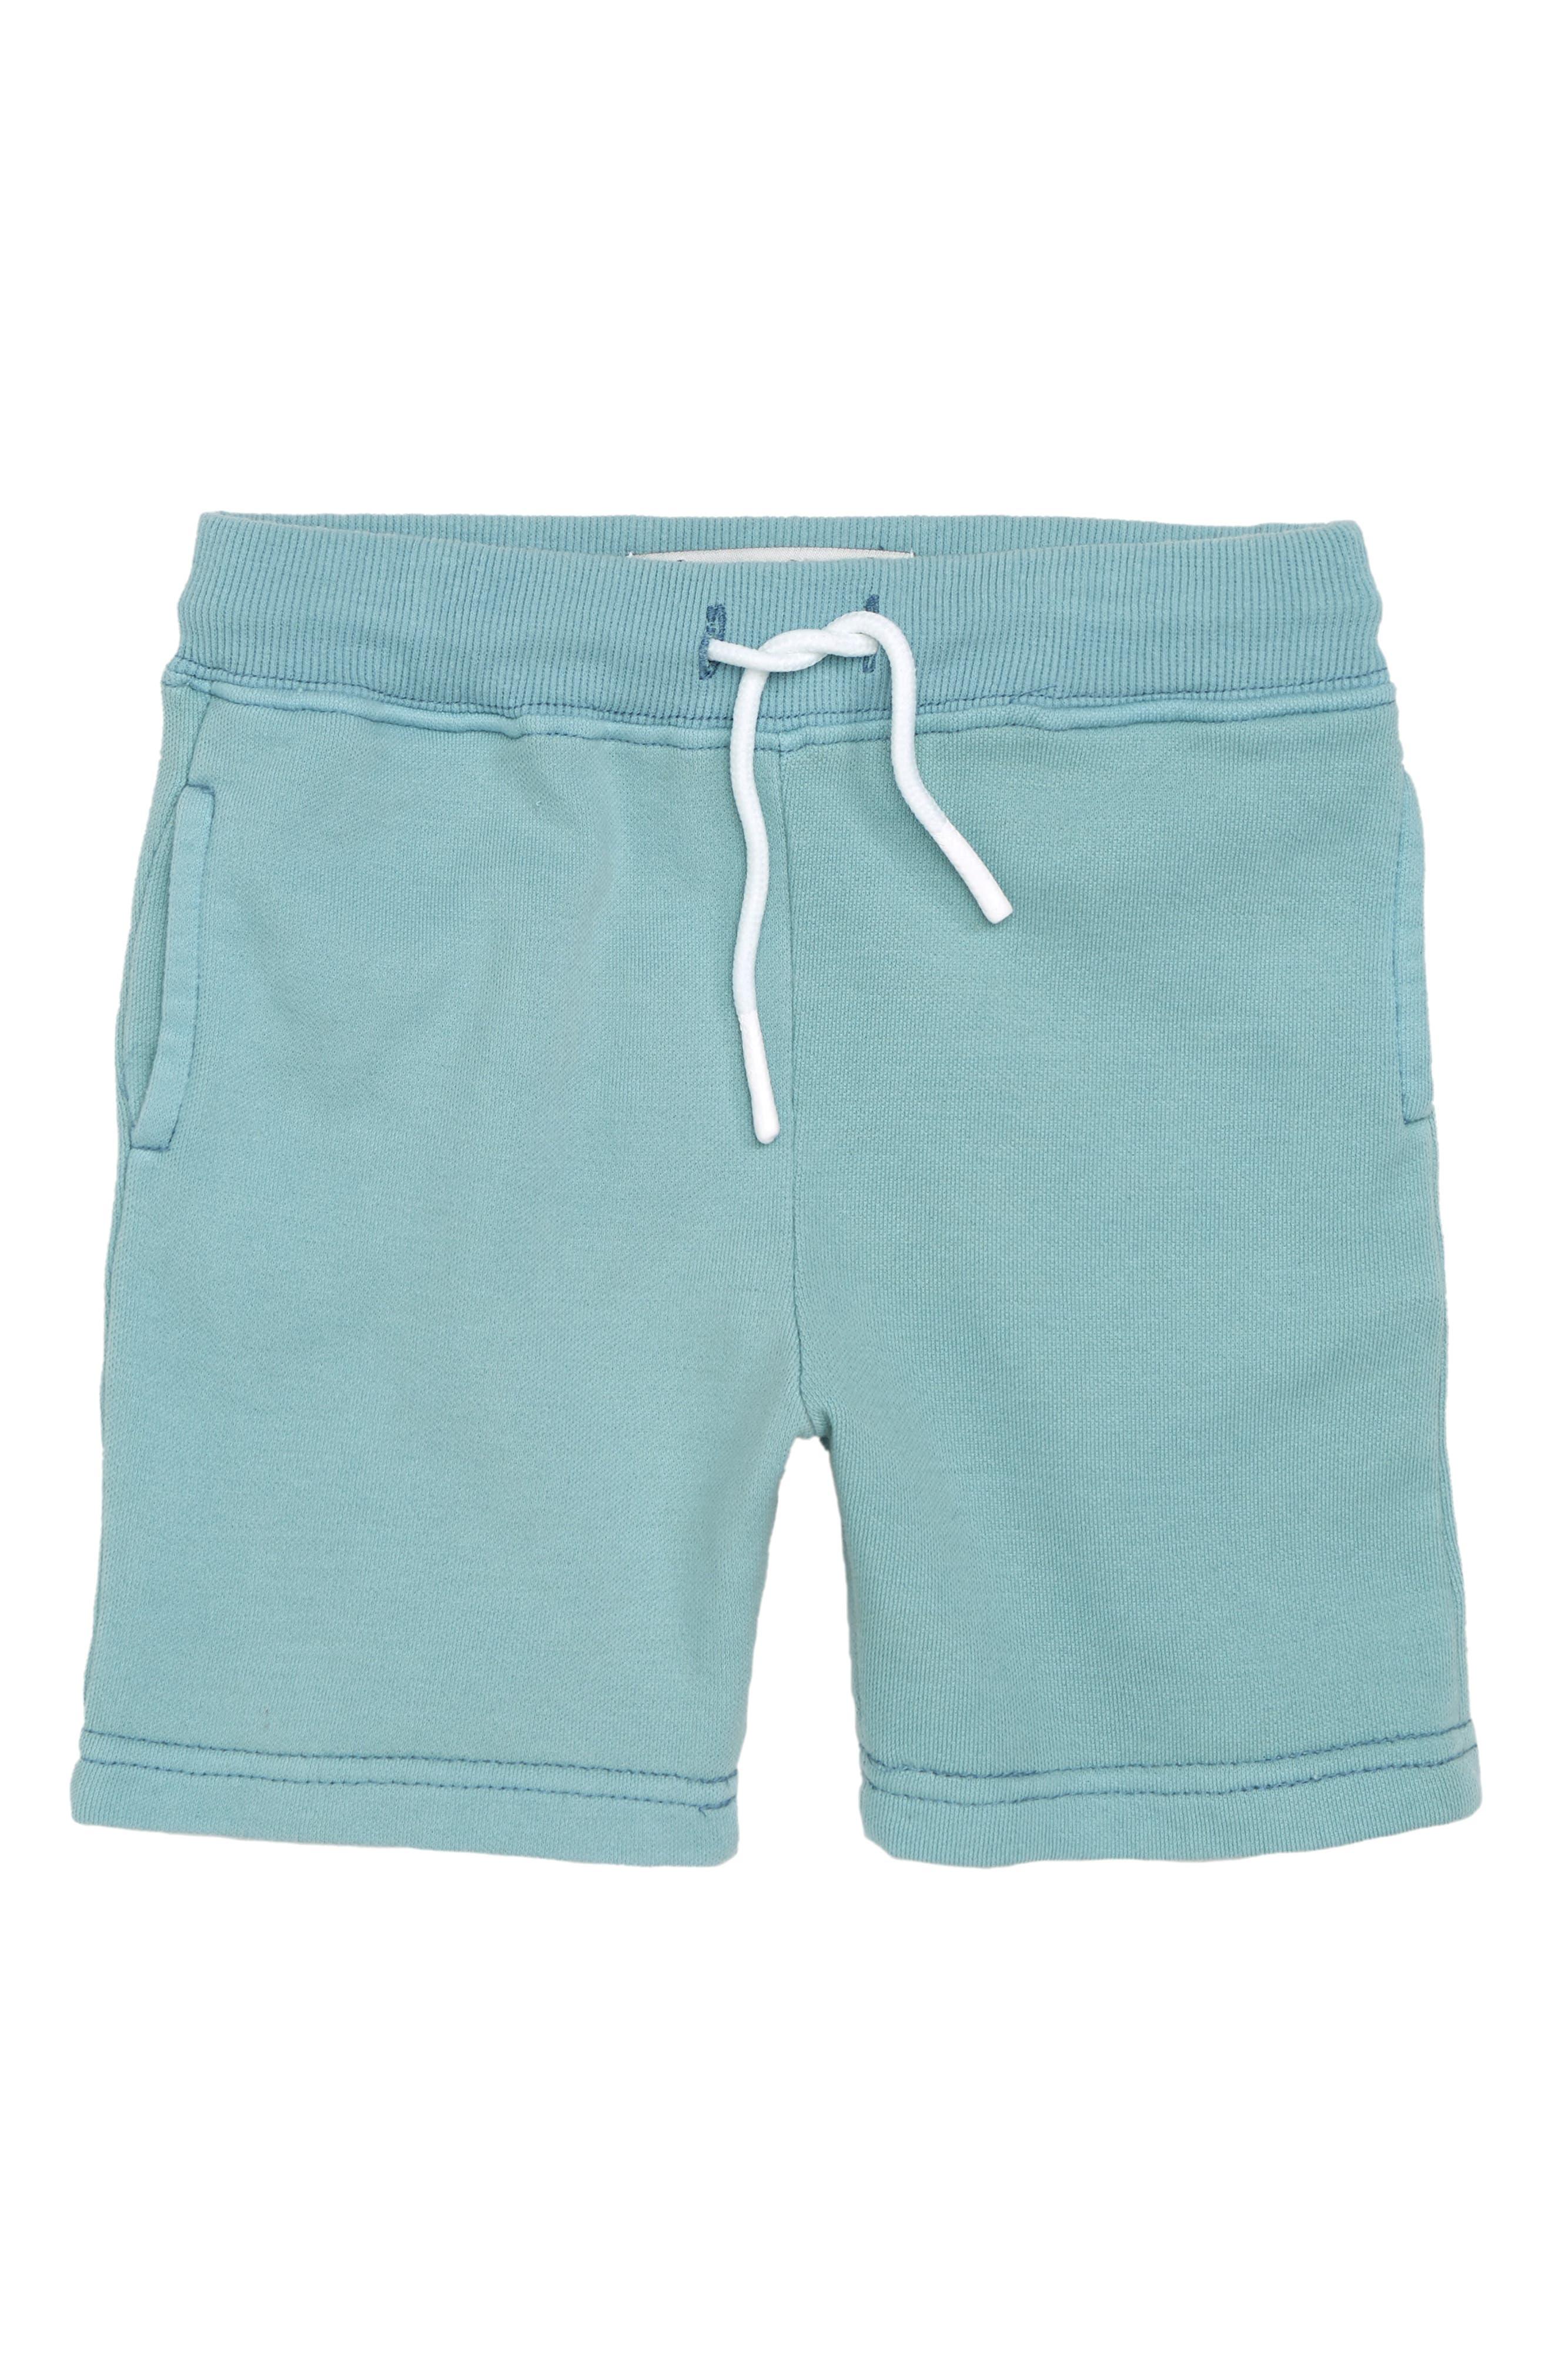 Record Shorts,                         Main,                         color, 330